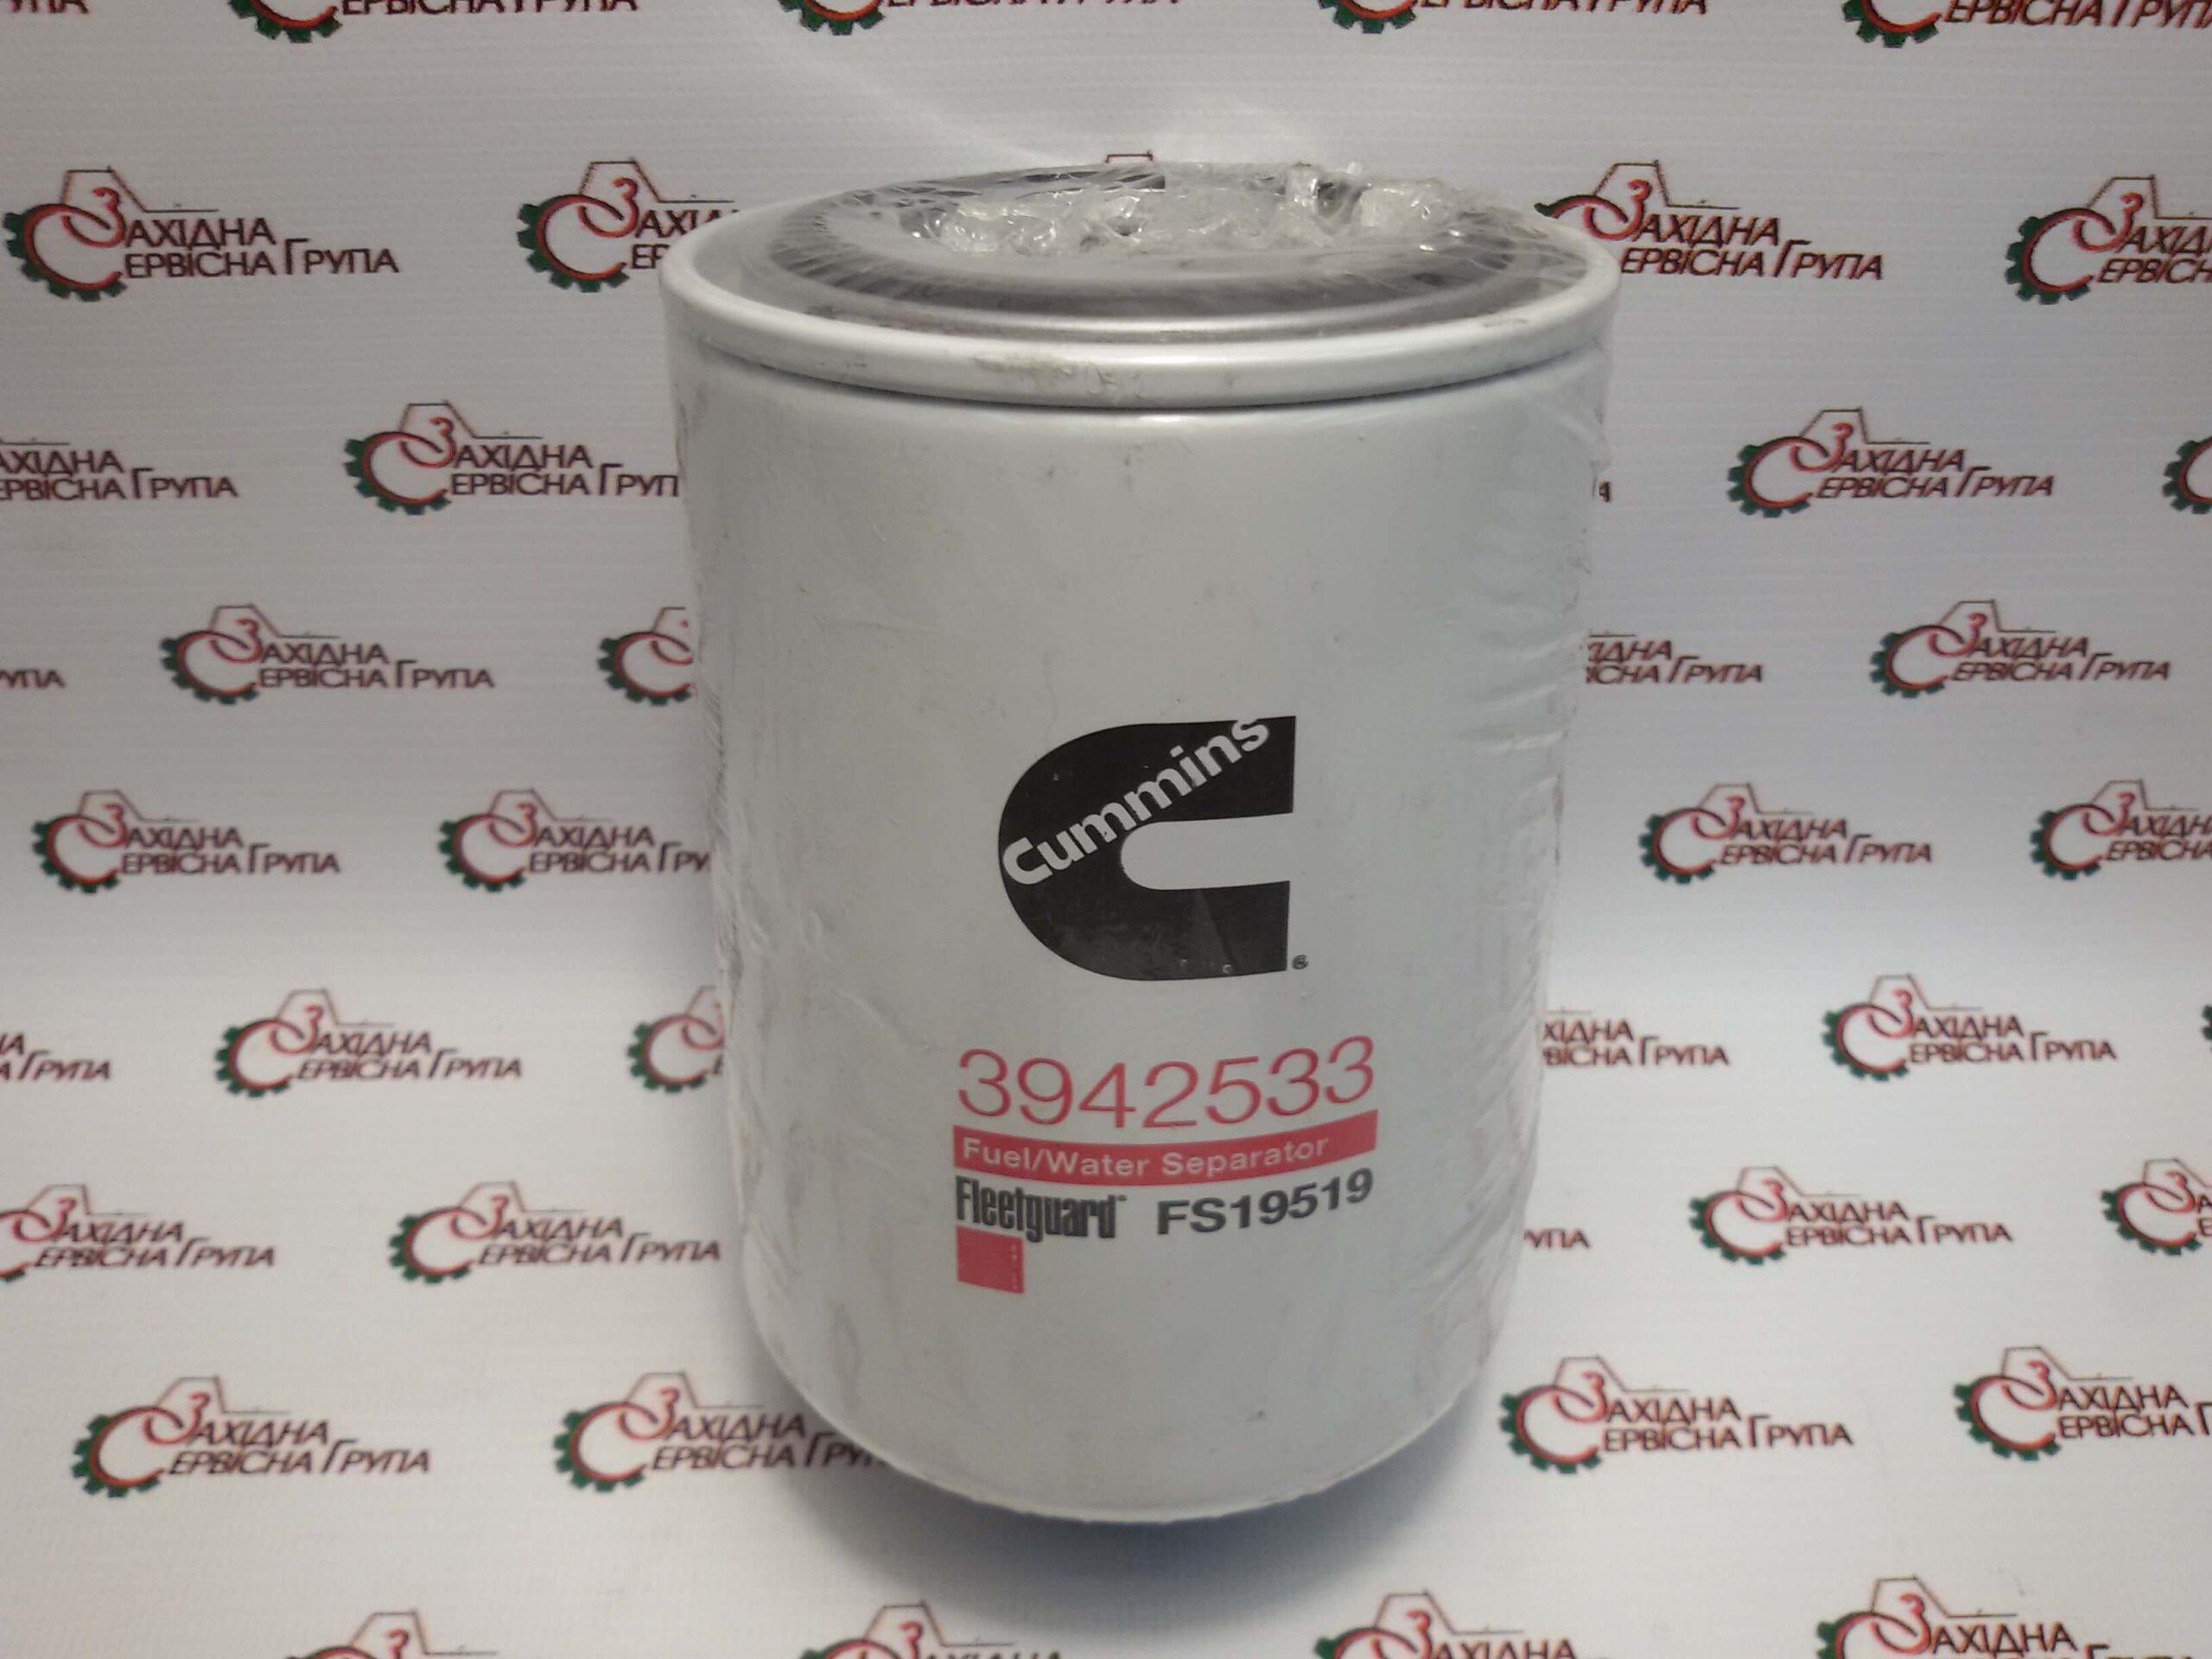 Фильтр топливный Cummins Fleetguard FS19519, 3942533.